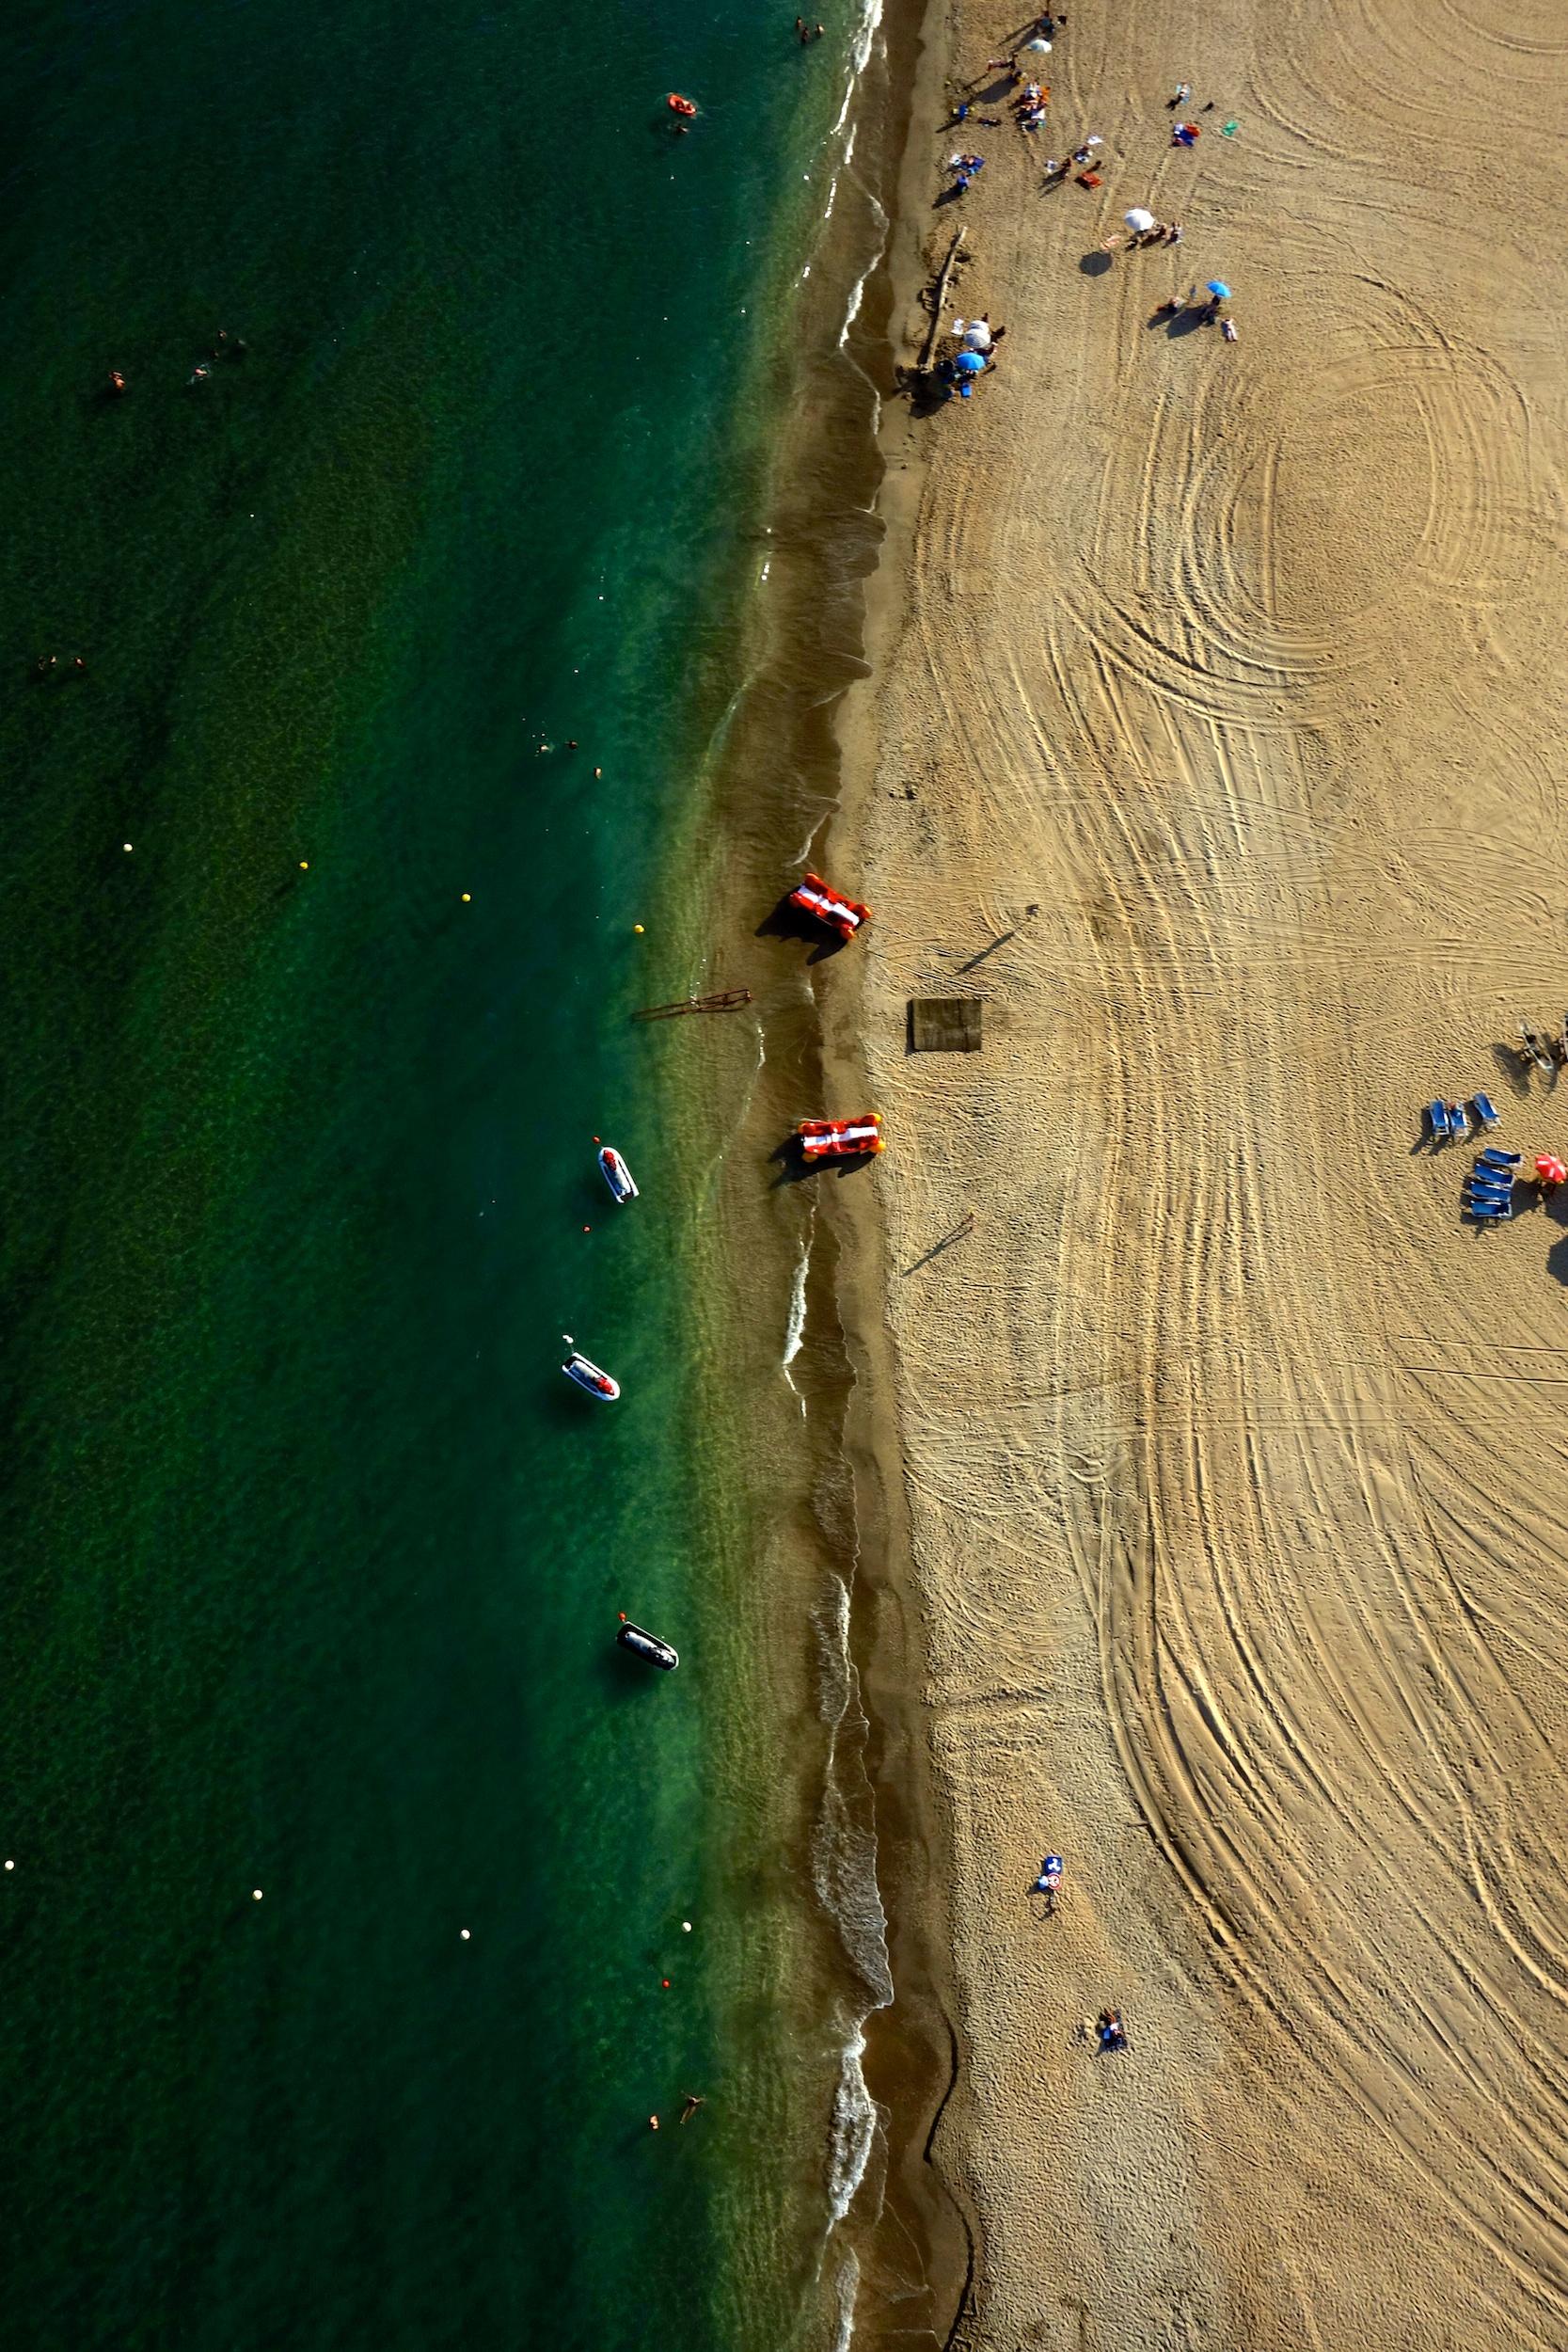 Les trois digues, Sète, France